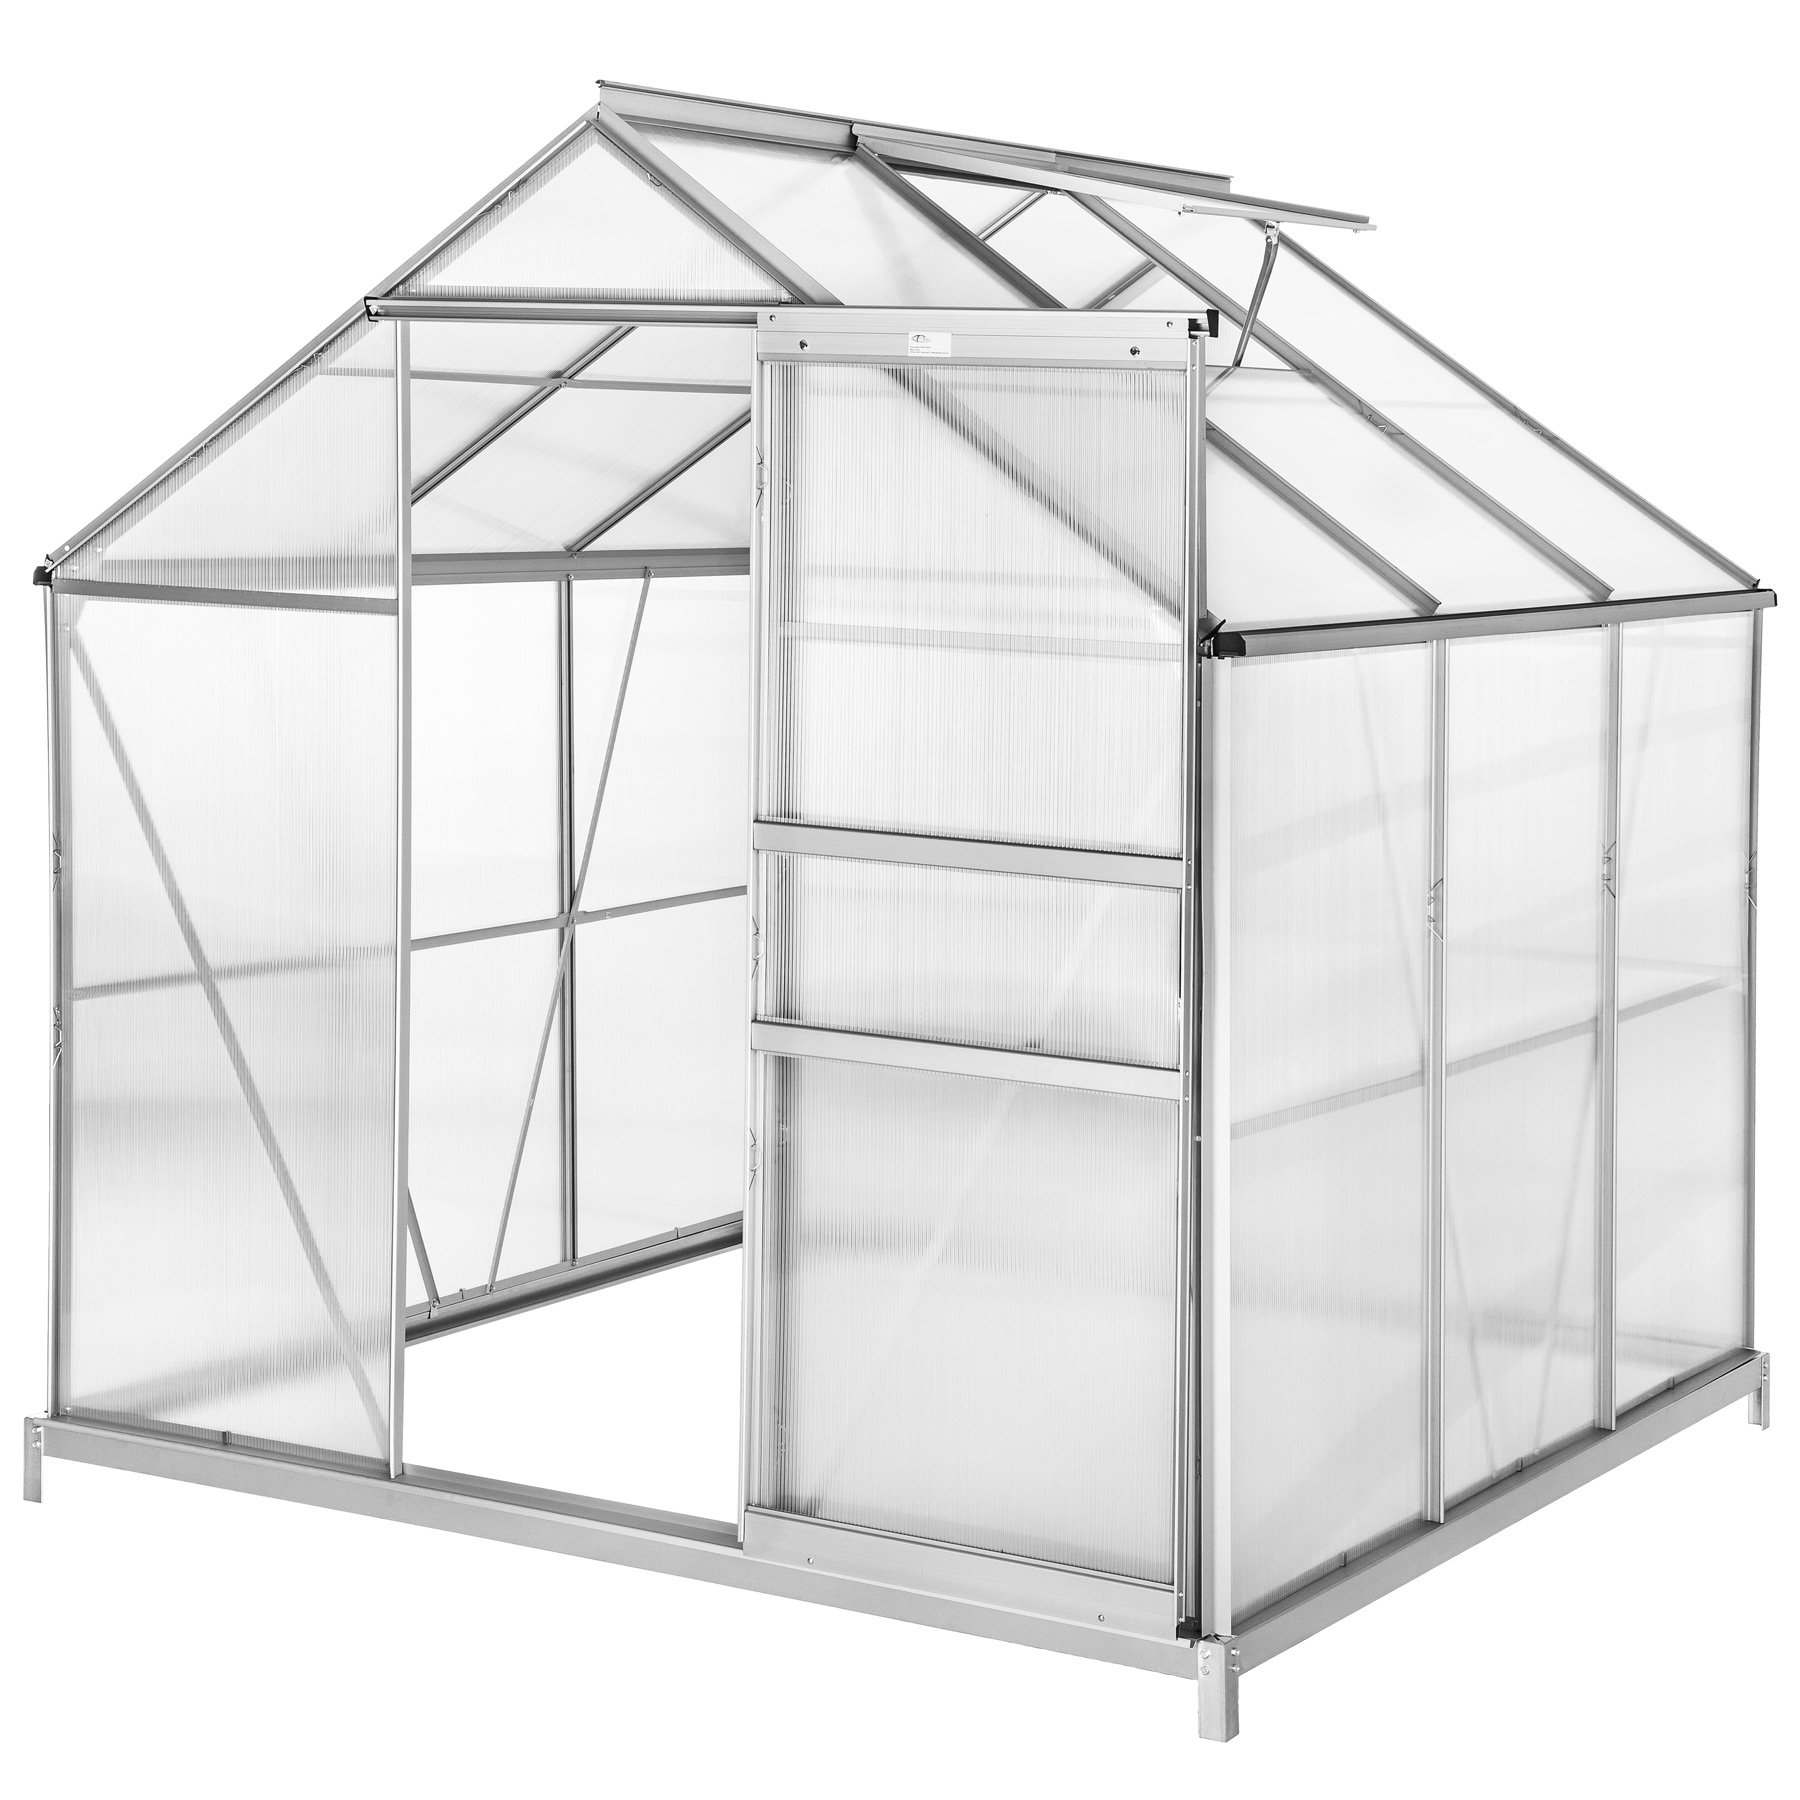 TecTake Invernadero de jardín policarbonato Transparente Aluminio casero Plantas Cultivos 5, 85m³ - Varios Modelos - (190x185x195 cm con Base | no. 402472): Amazon.es: Jardín